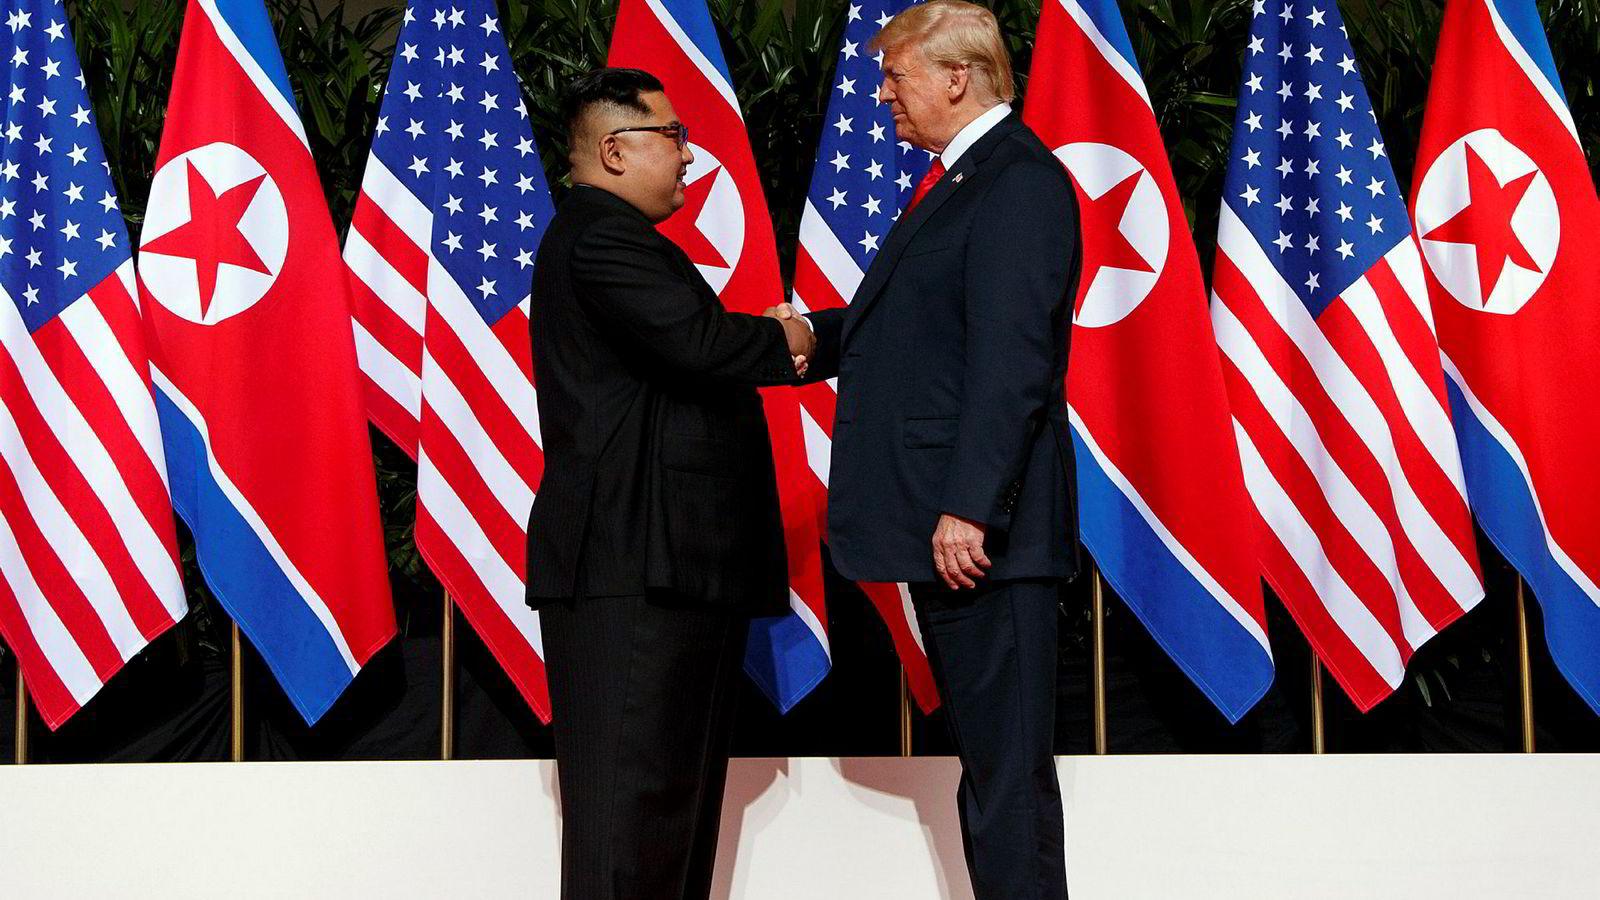 Da Nord-Koreas leder Kim Jong Un møtte president Donald Trump i Singapore i juni 2018.